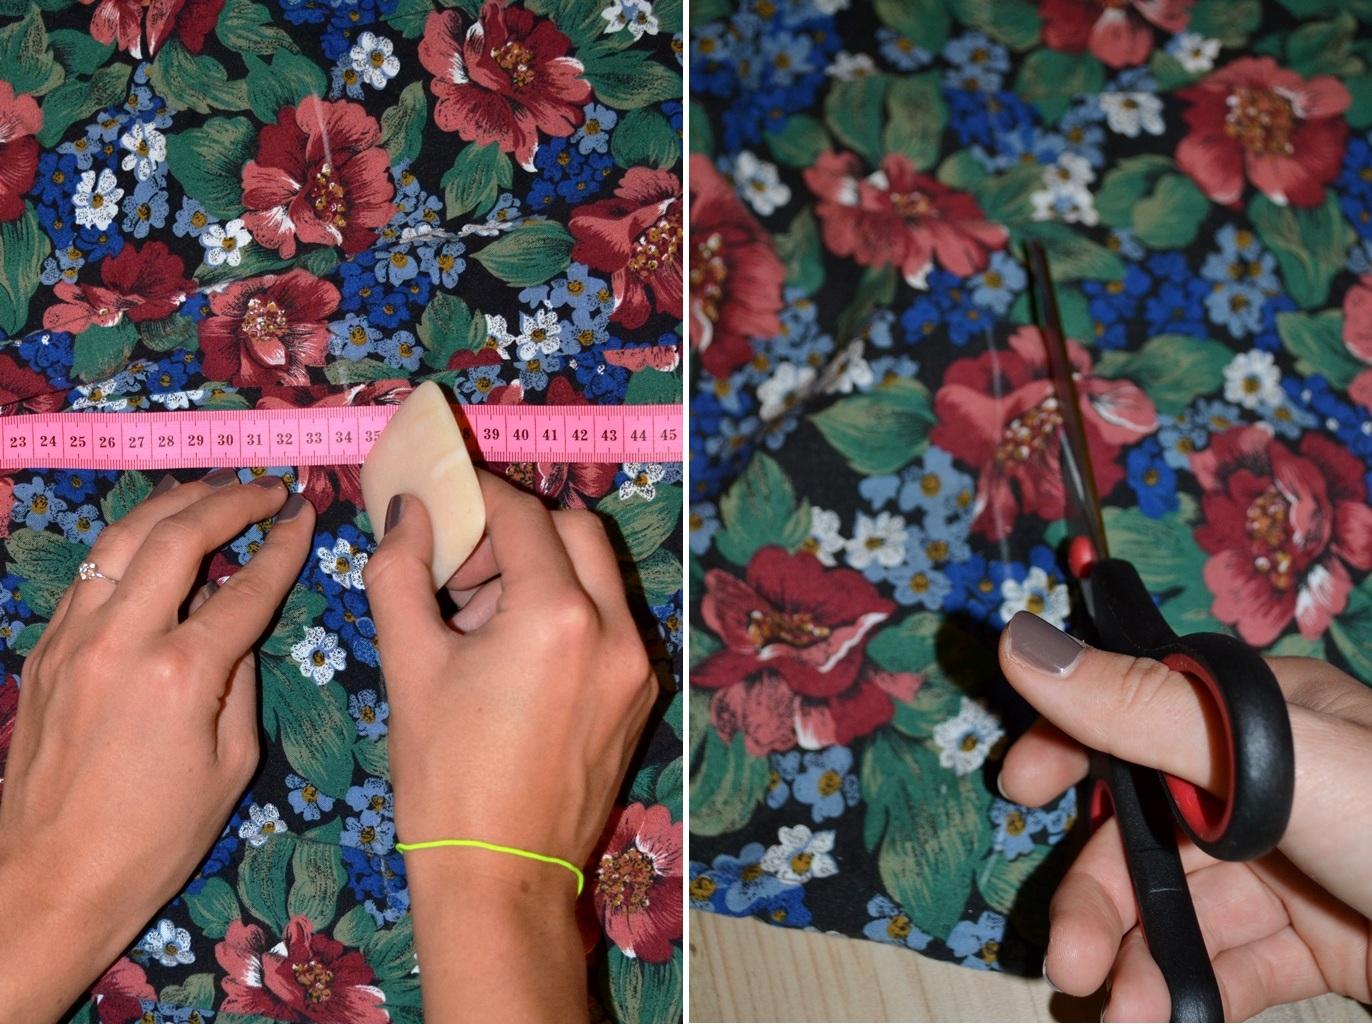 Мастер-класс стилиста: цветочные шорты из бабушкиной юбки - фото №2